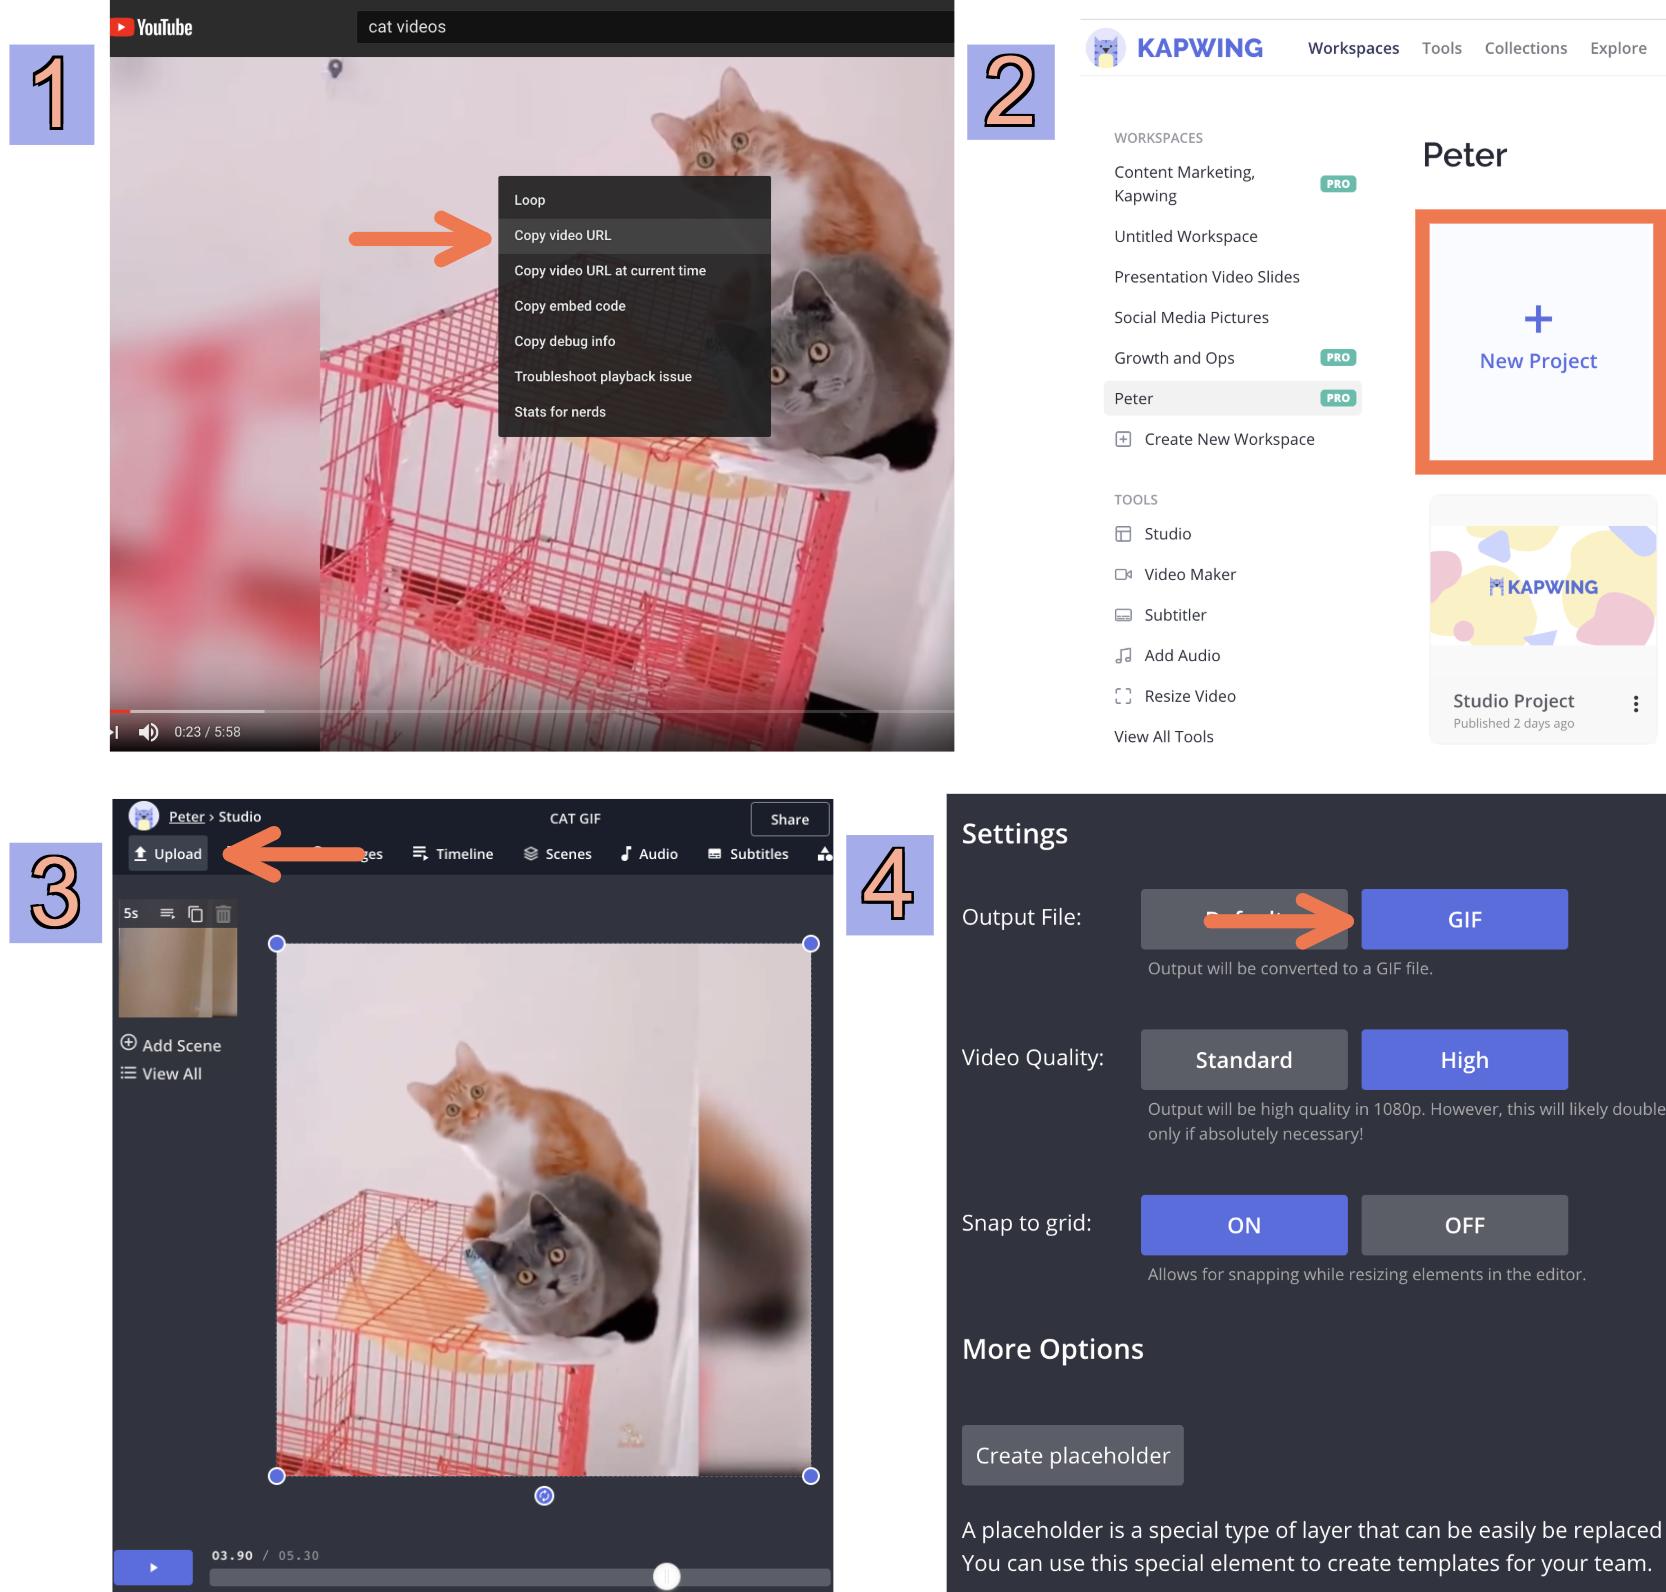 Screenshots showing how to create GIFs using Kapwing.